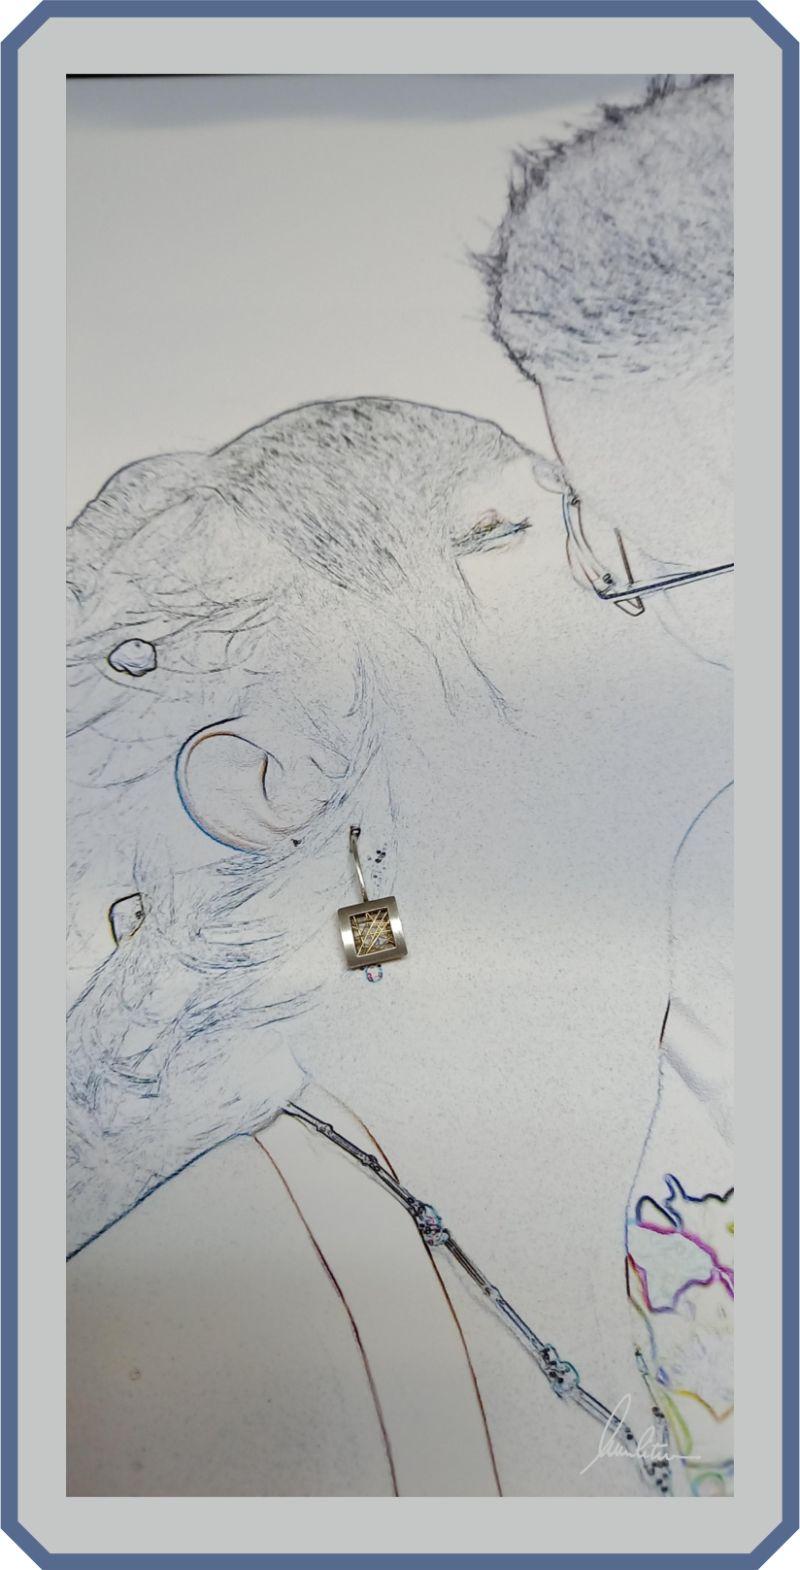 Kleinesbild - Filigrane Ohrringe in Silber und Gold 750  in feinster Handarbeit hergestellt bei wurlitzer schmuck